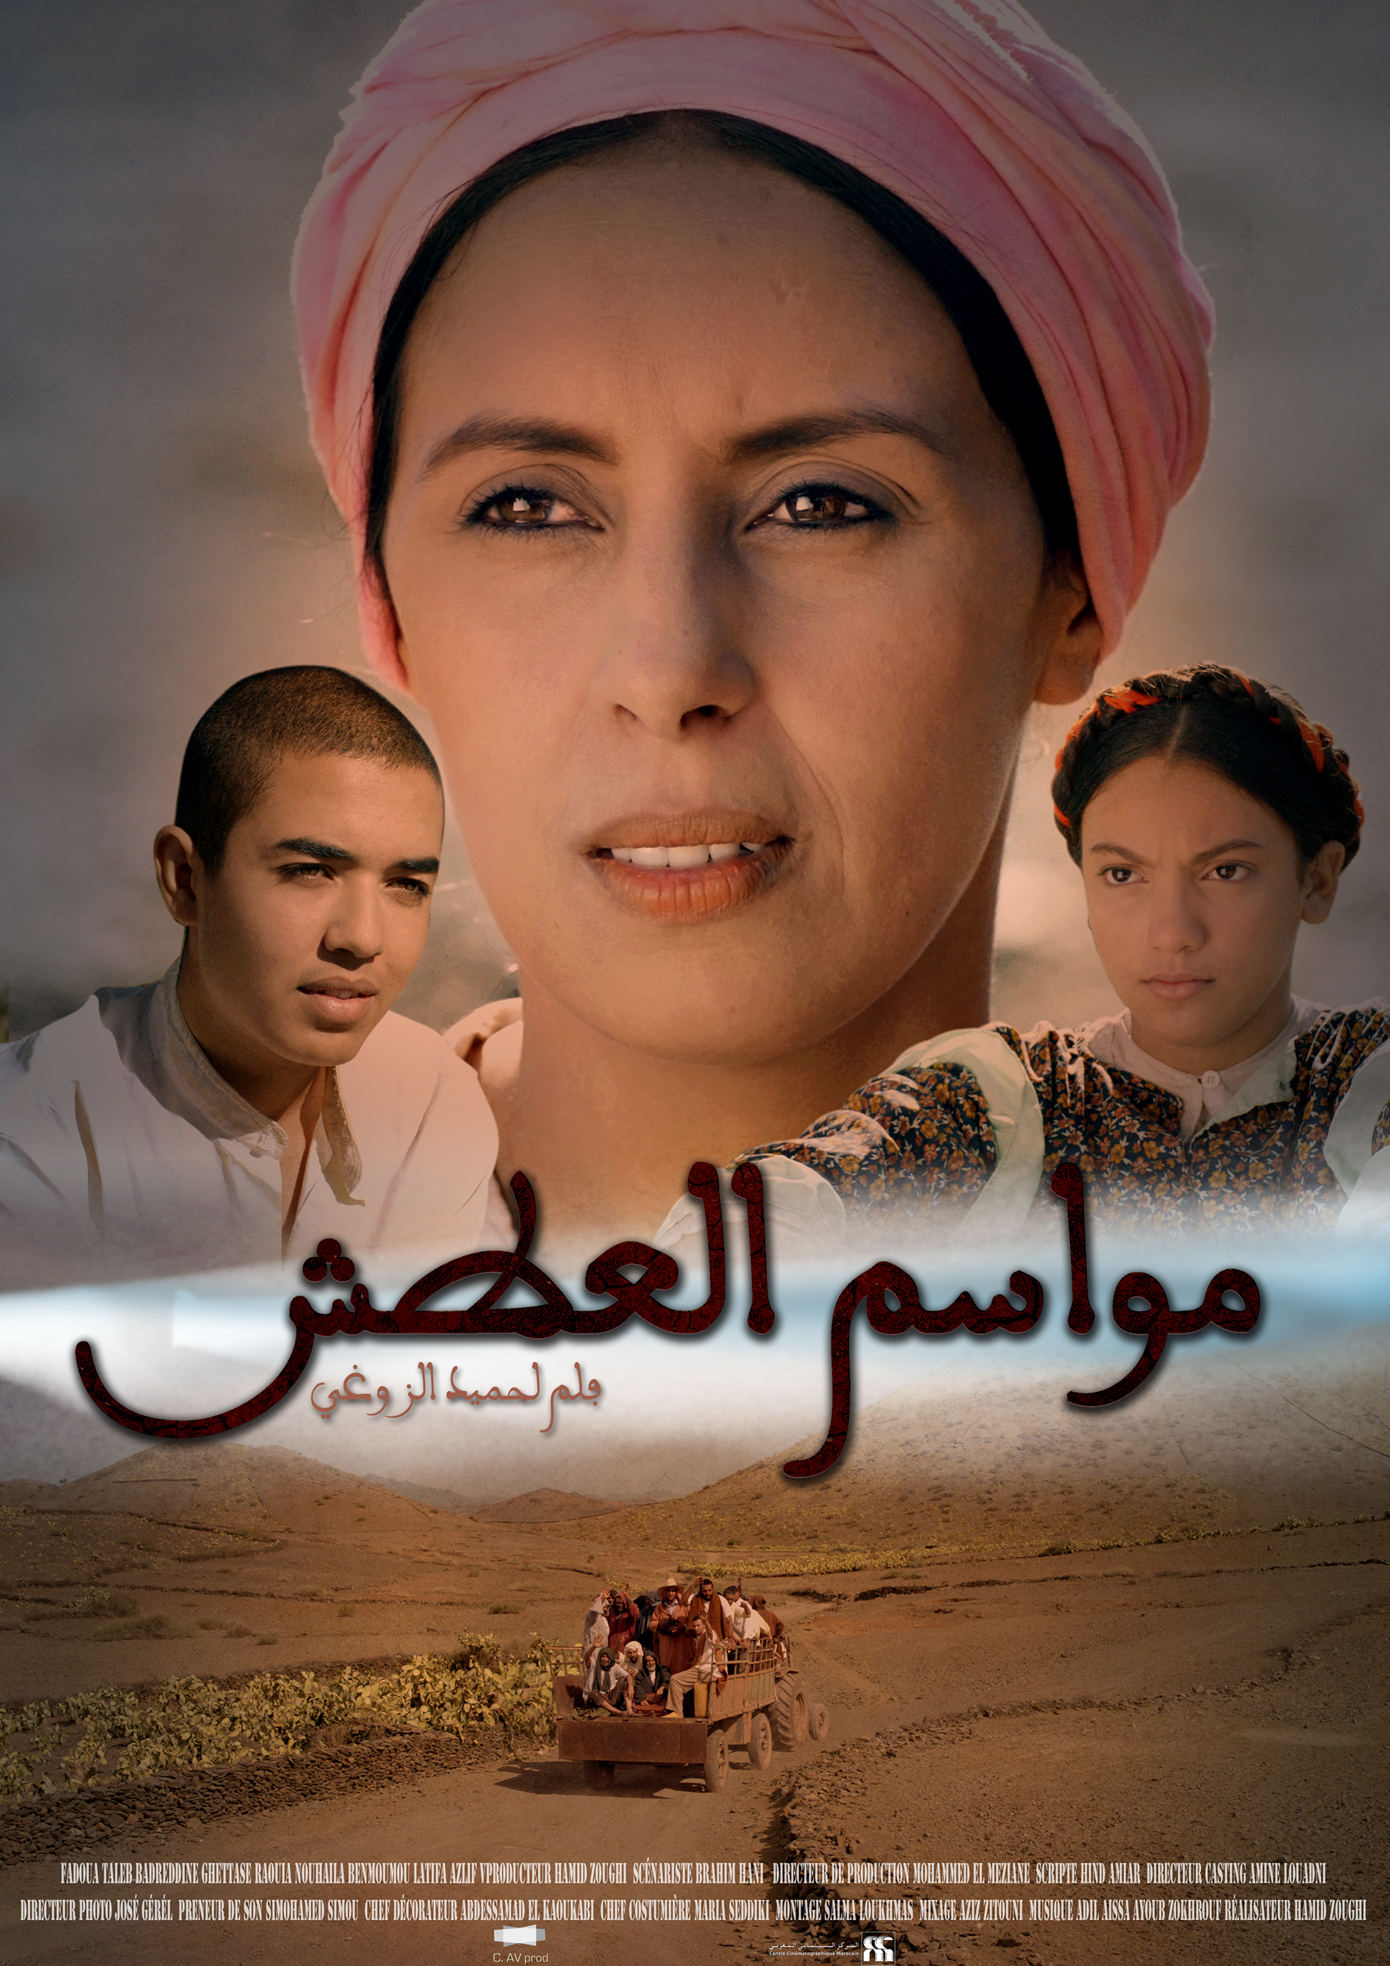 Un film qui dégage beaucoup de sentiments et d'émotion